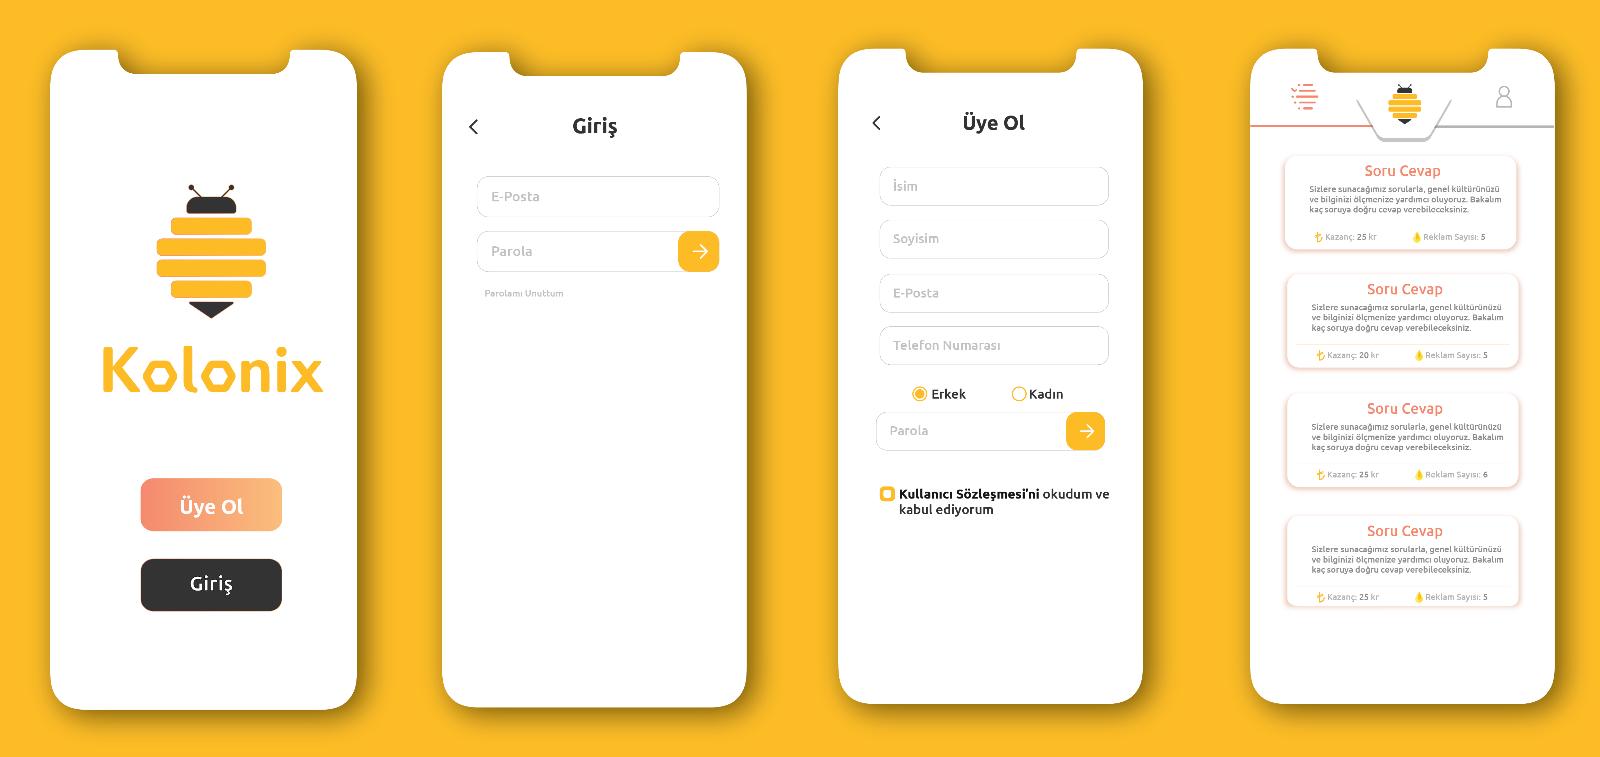 Mobil Uygulamanızın Arayüz Tasarımını Yapabilirim